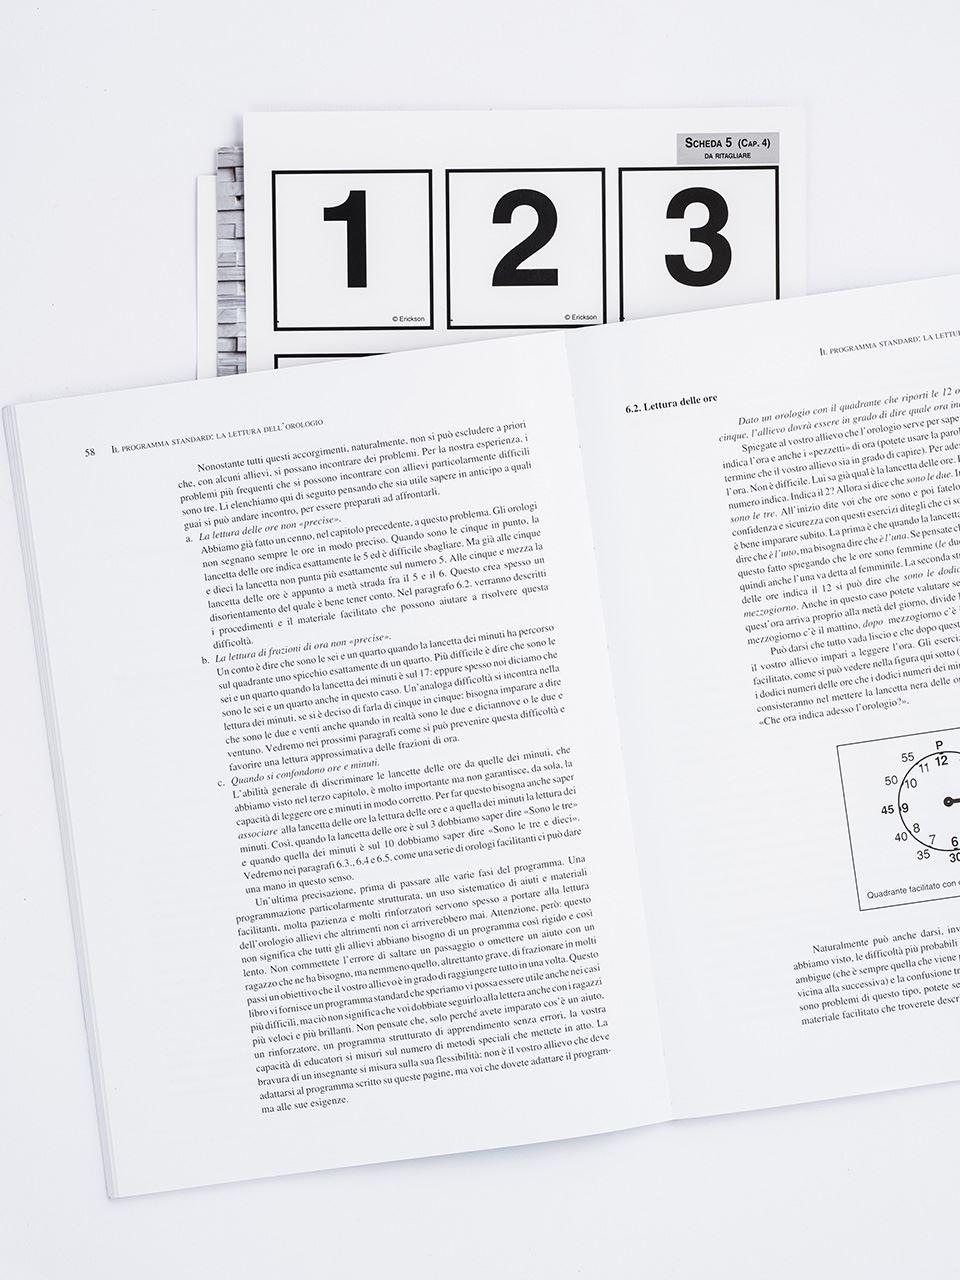 Imparo a... leggere l'orologio - Libri - Strumenti - App e software - Erickson 2